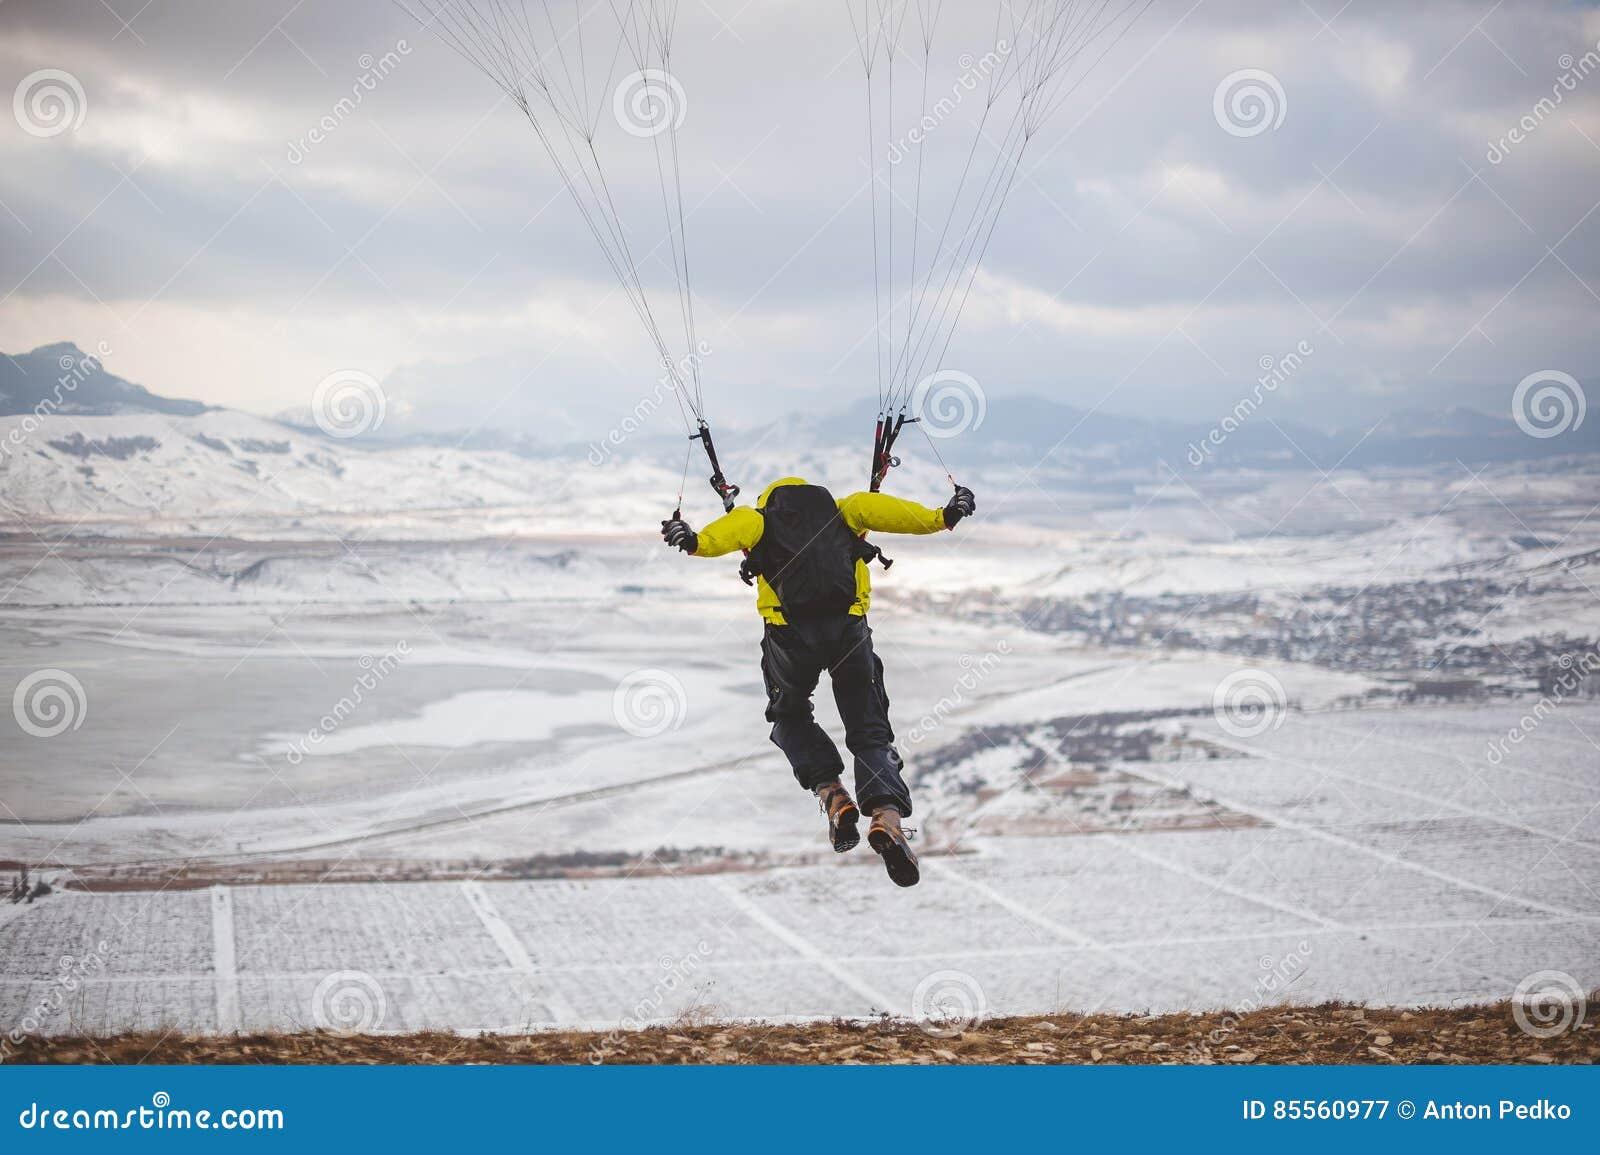 Mann entfernt sich mit dem speedglider vom Berg